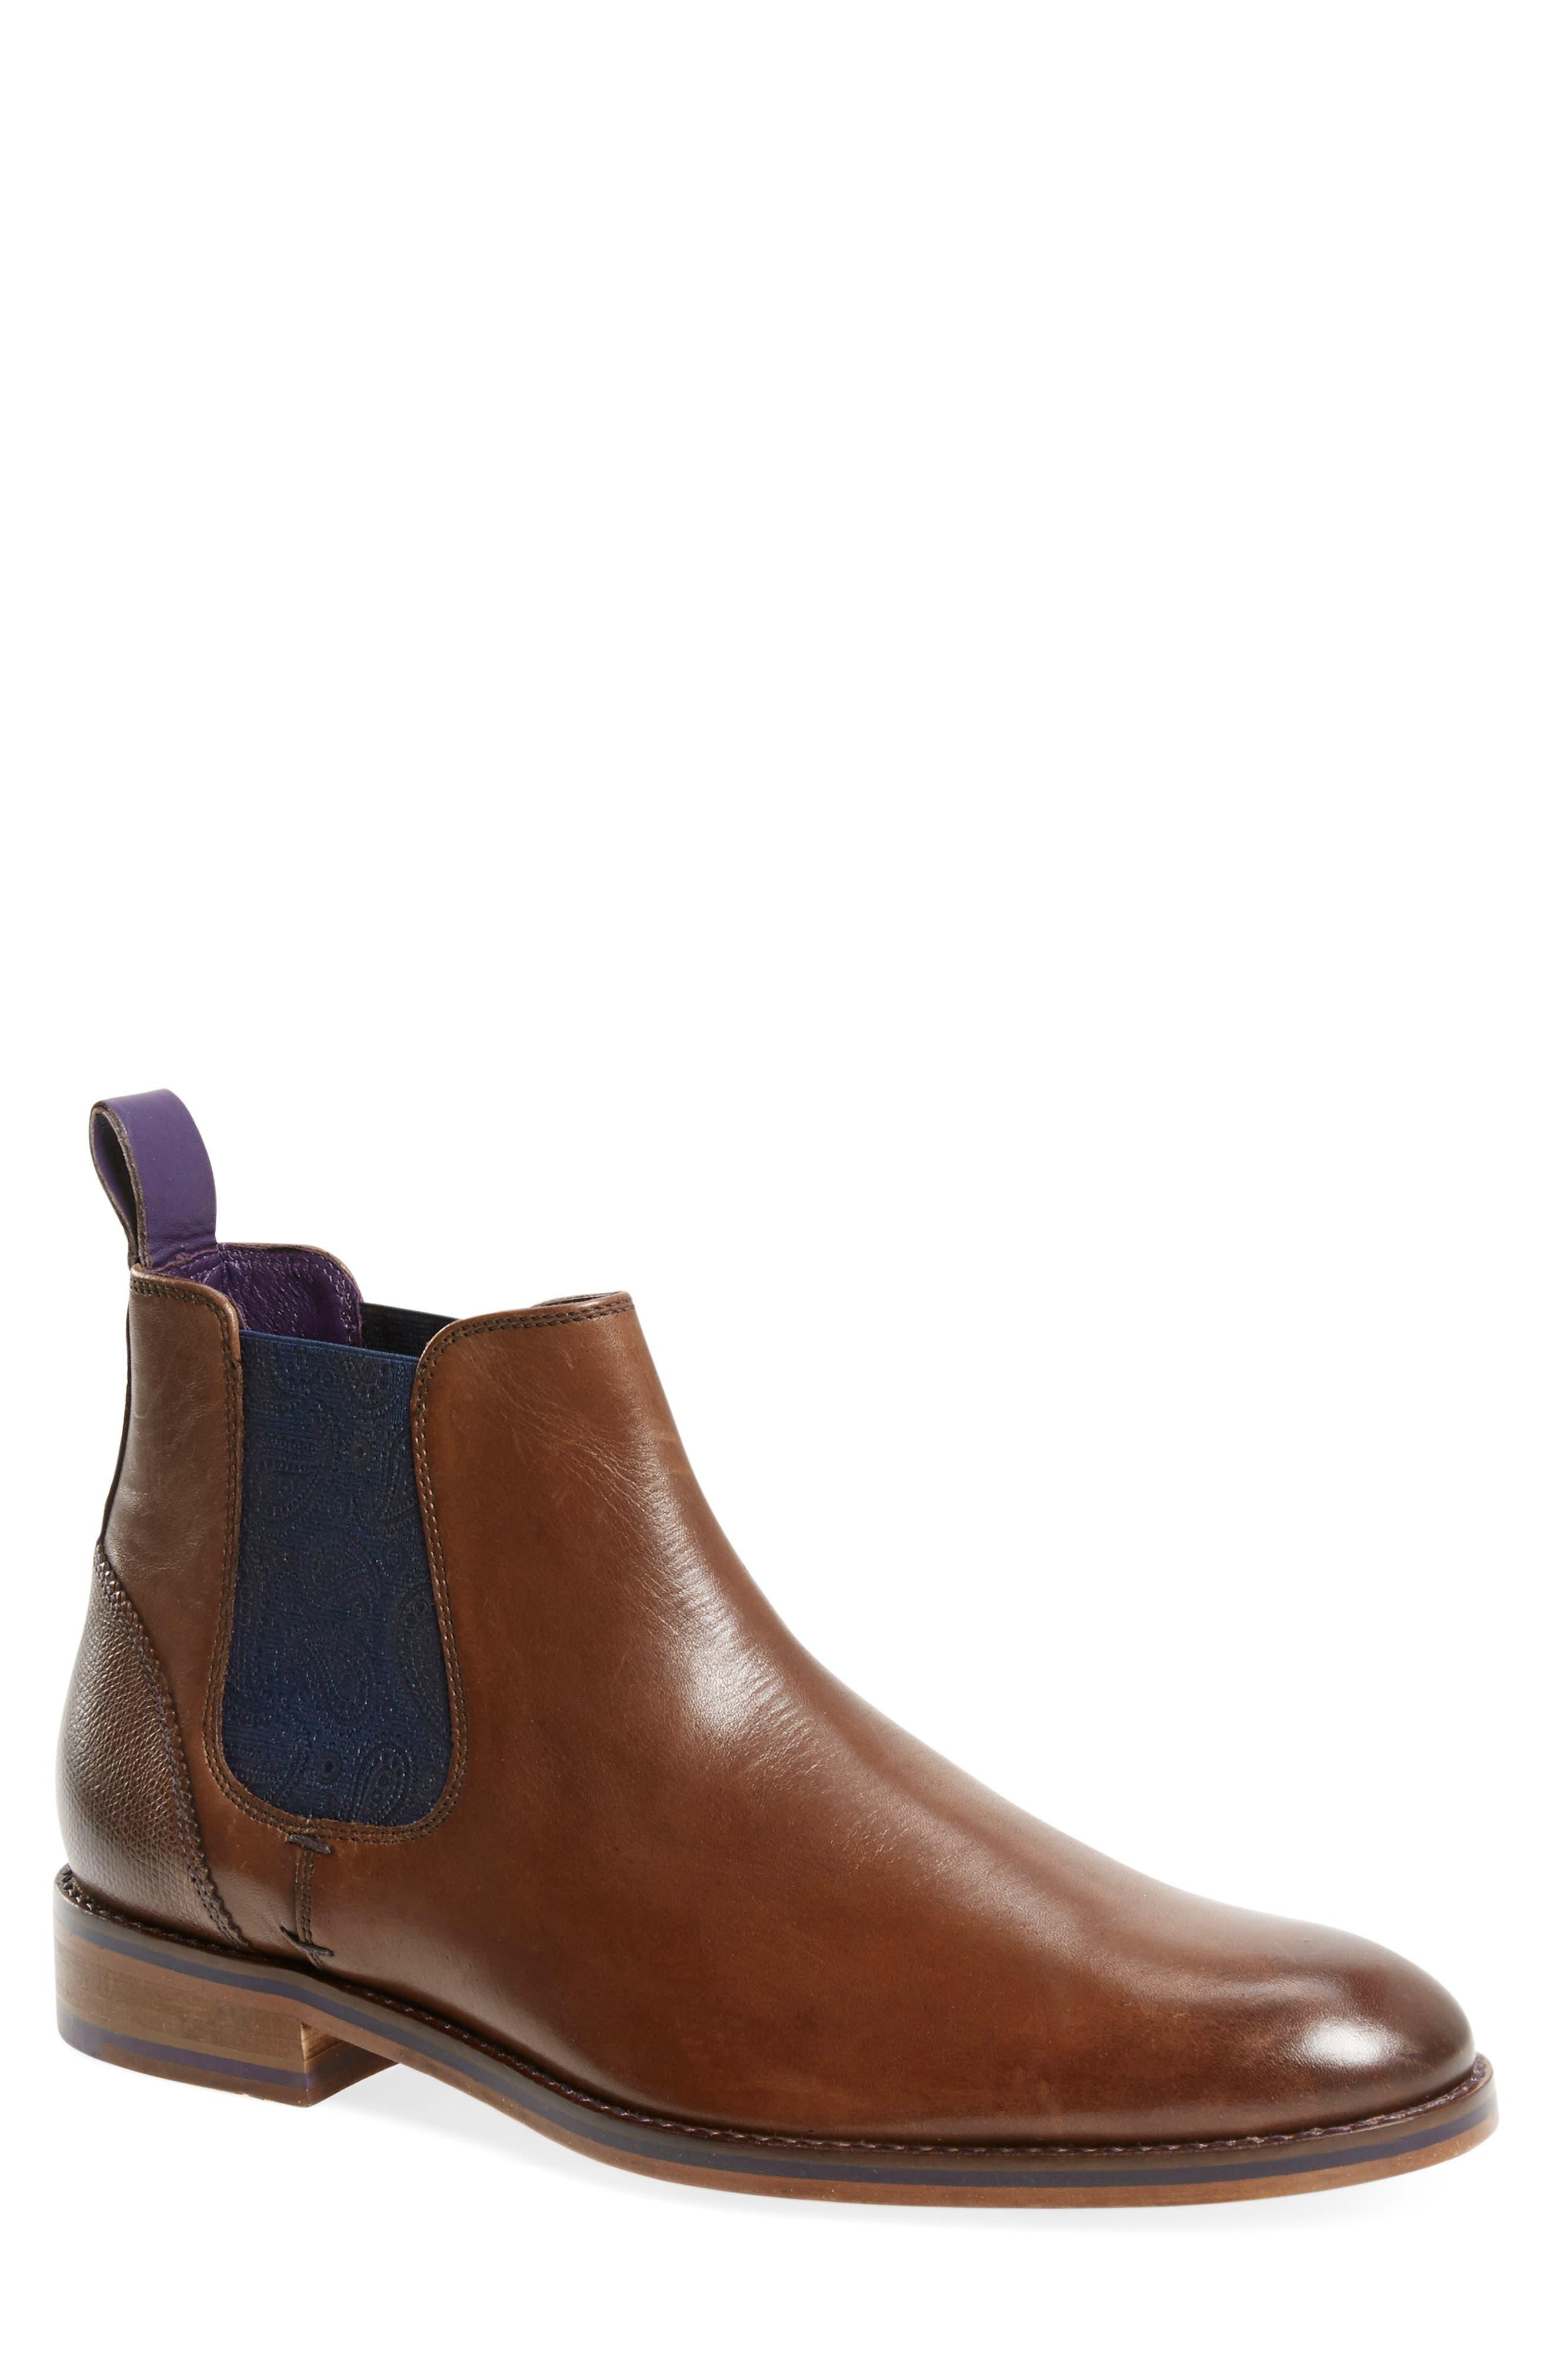 Porter Shoes Black Gr. Porter Chaussures Gr Noir. 8.5 Us Winter Schoenen 8.5 Nous Schoenen D'hiver ekDCq